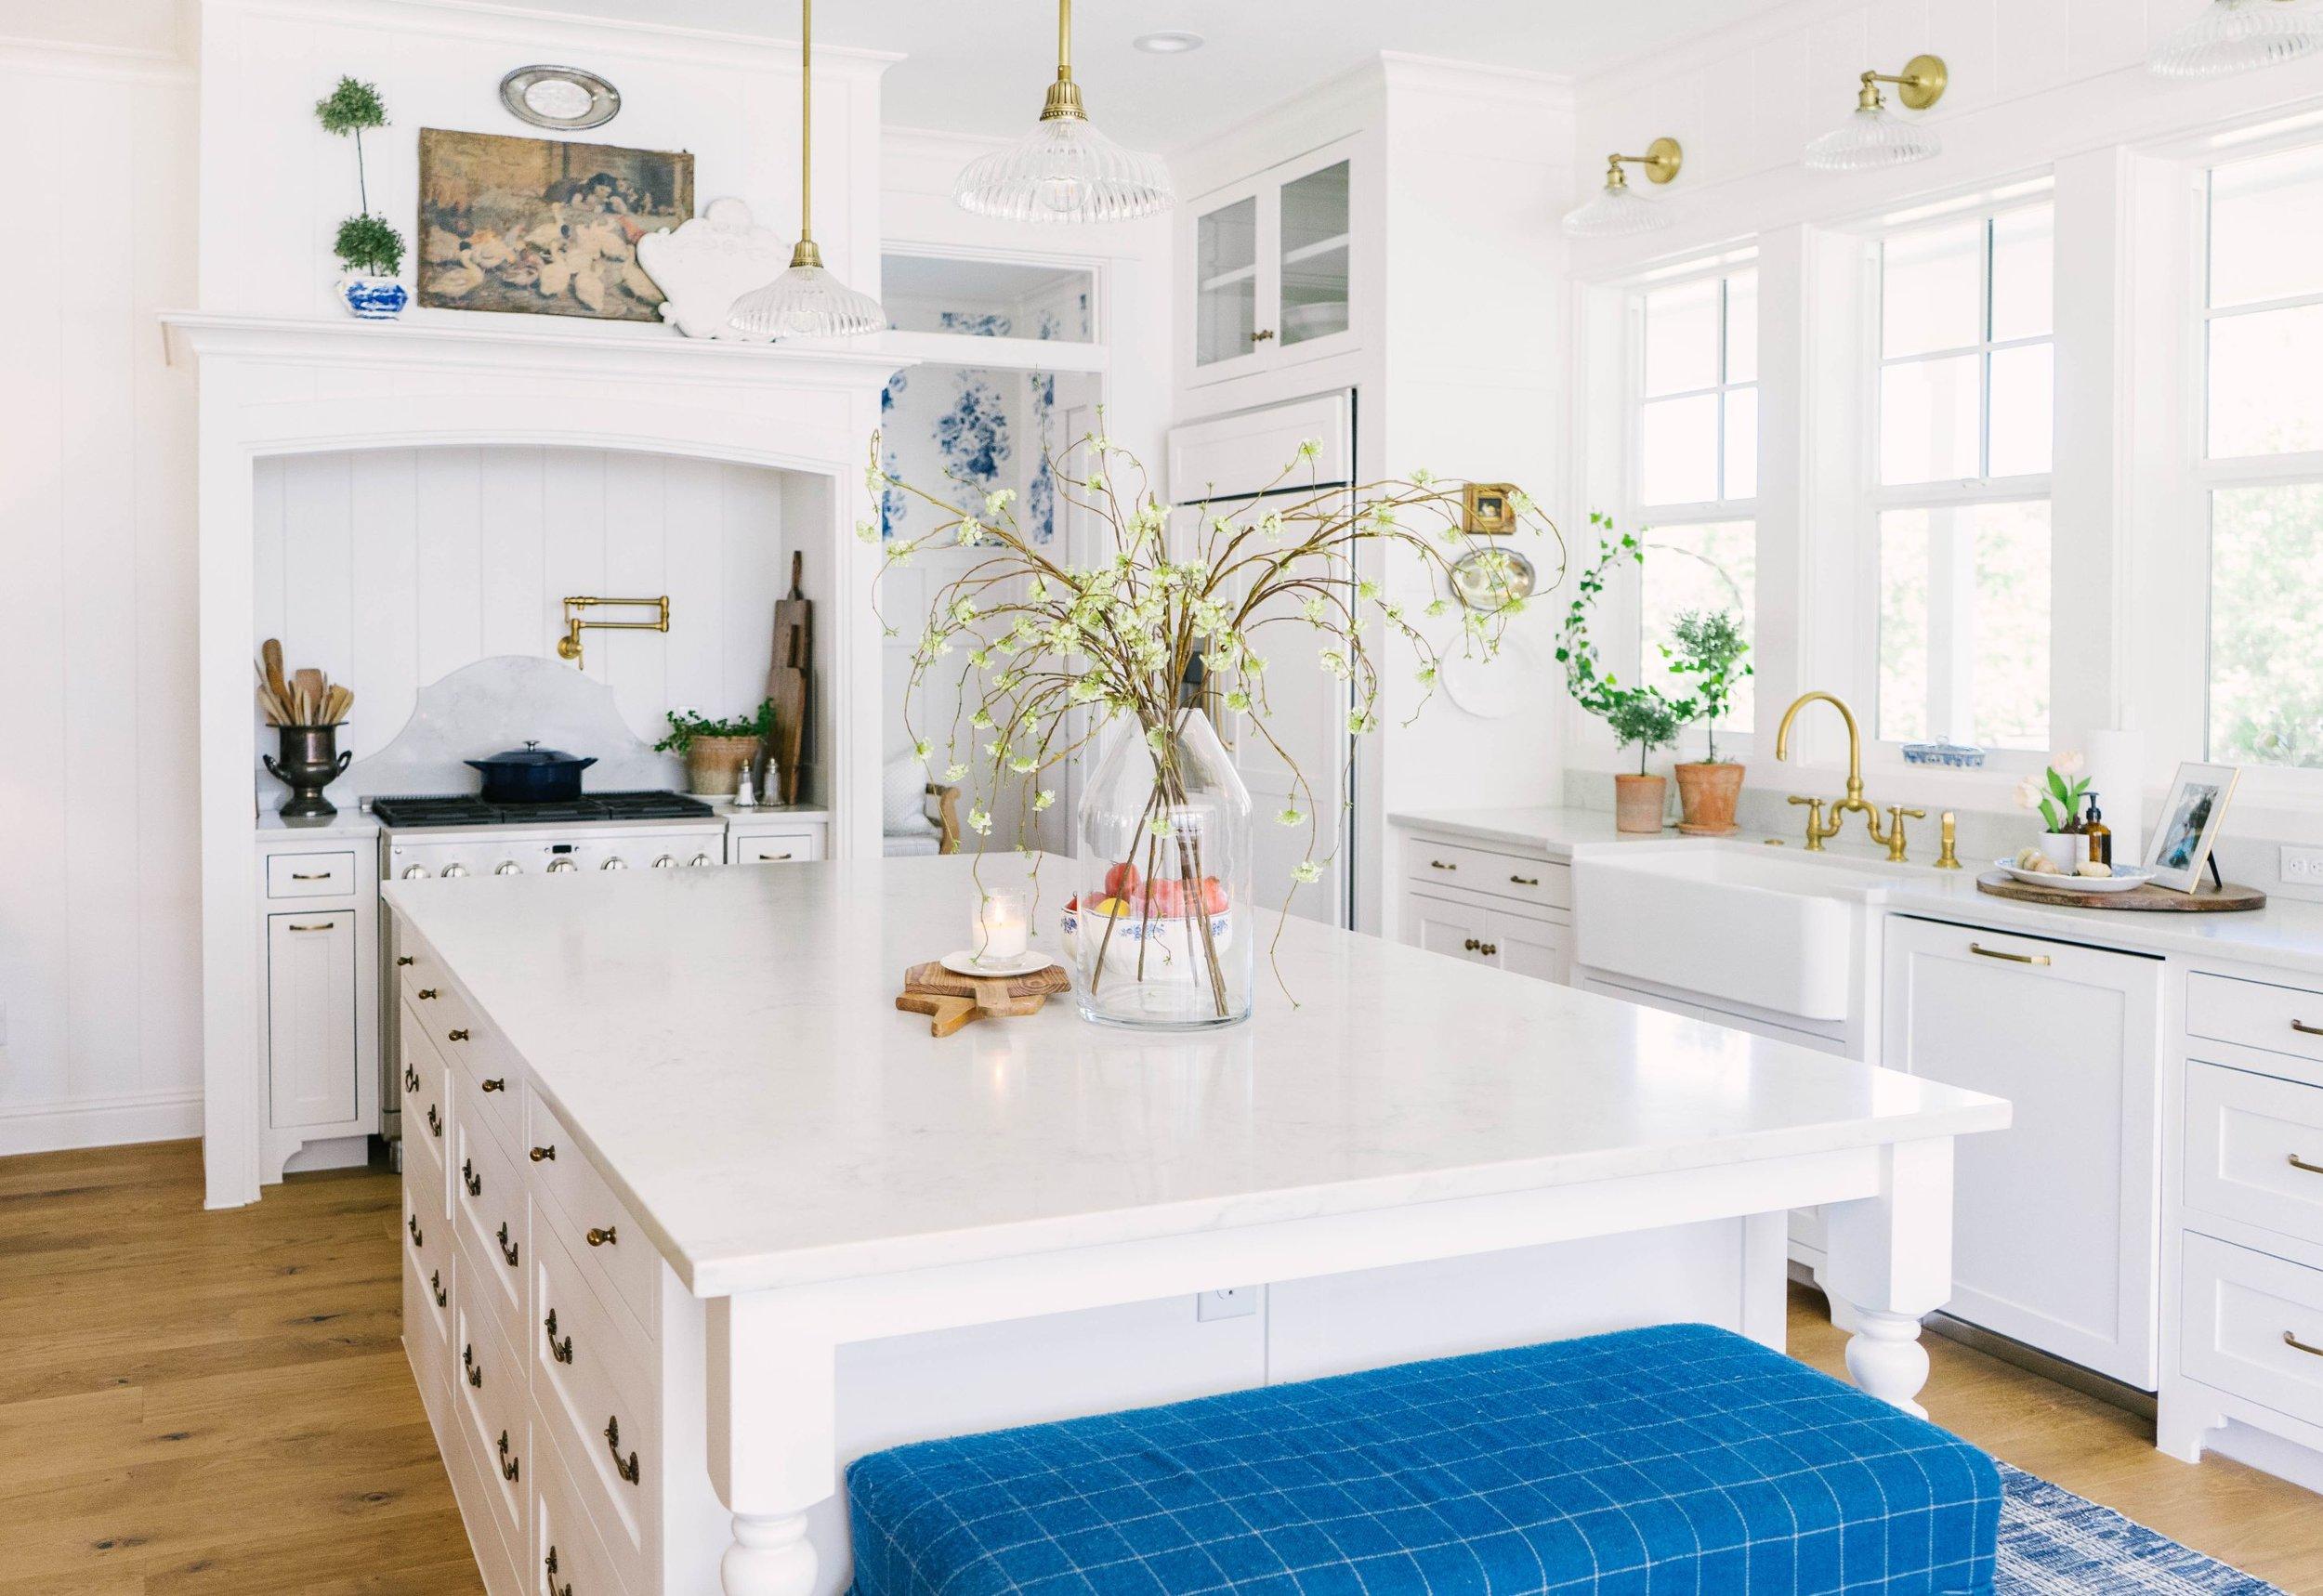 Classic Farmhouse Home Tour - Kitchen Gold and White